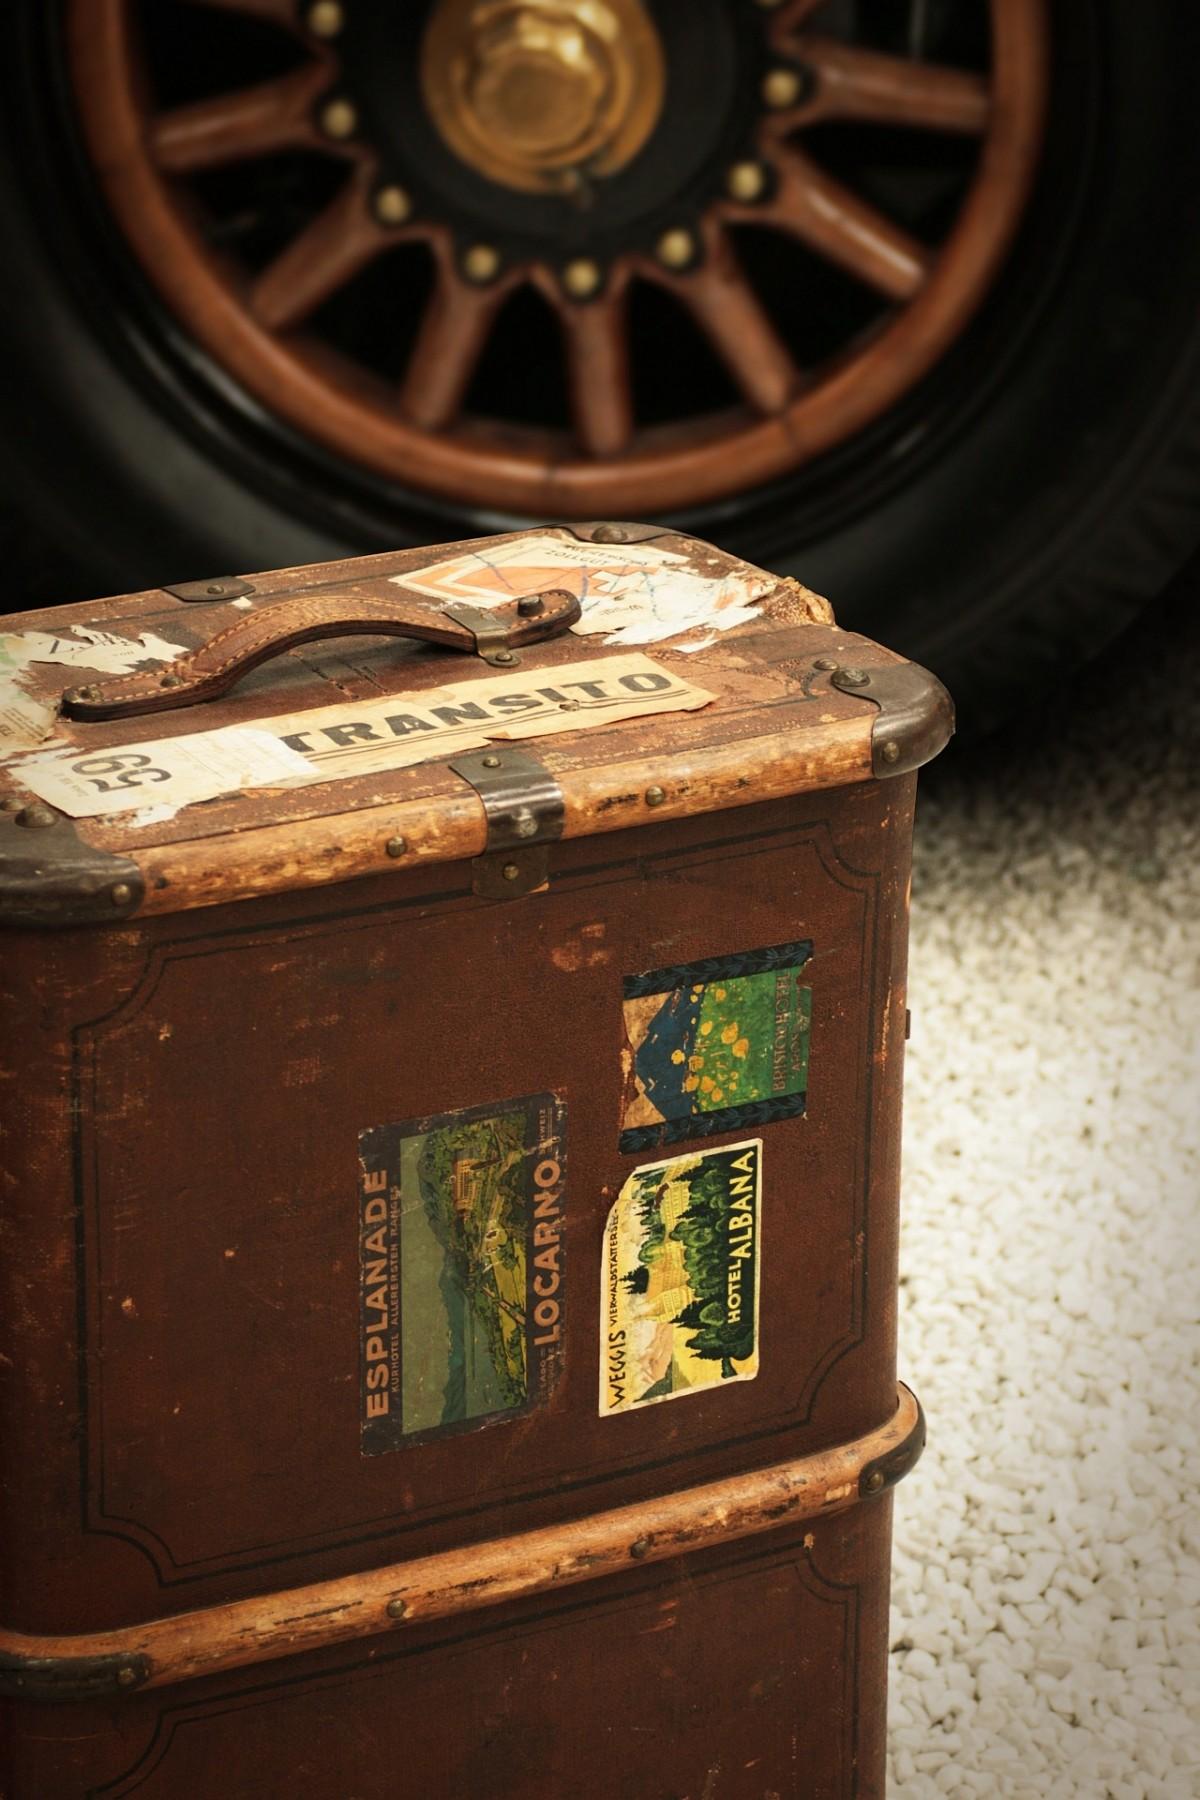 Kostenlose foto : Retro, alt, Werbung, Reise, Lebensmittel, Urlaub